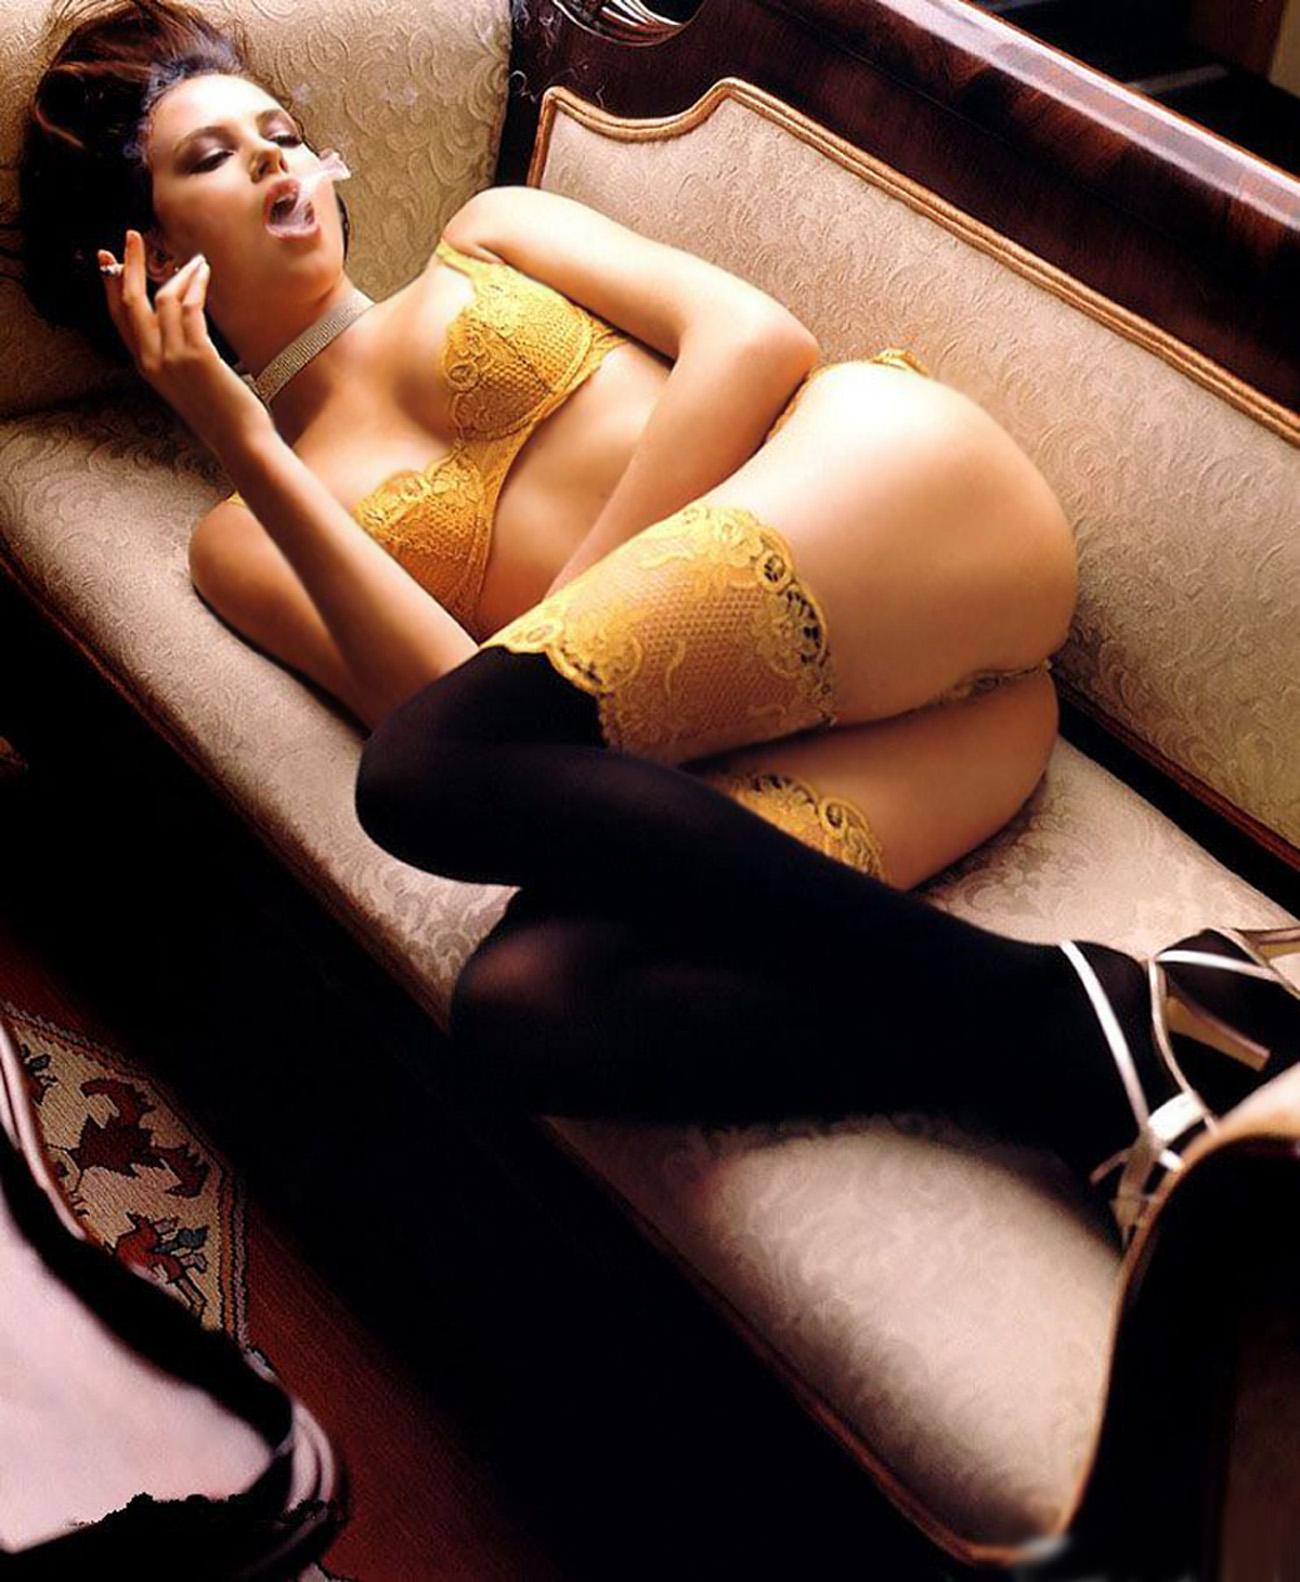 Эротические фото с сигаретой 17 фотография